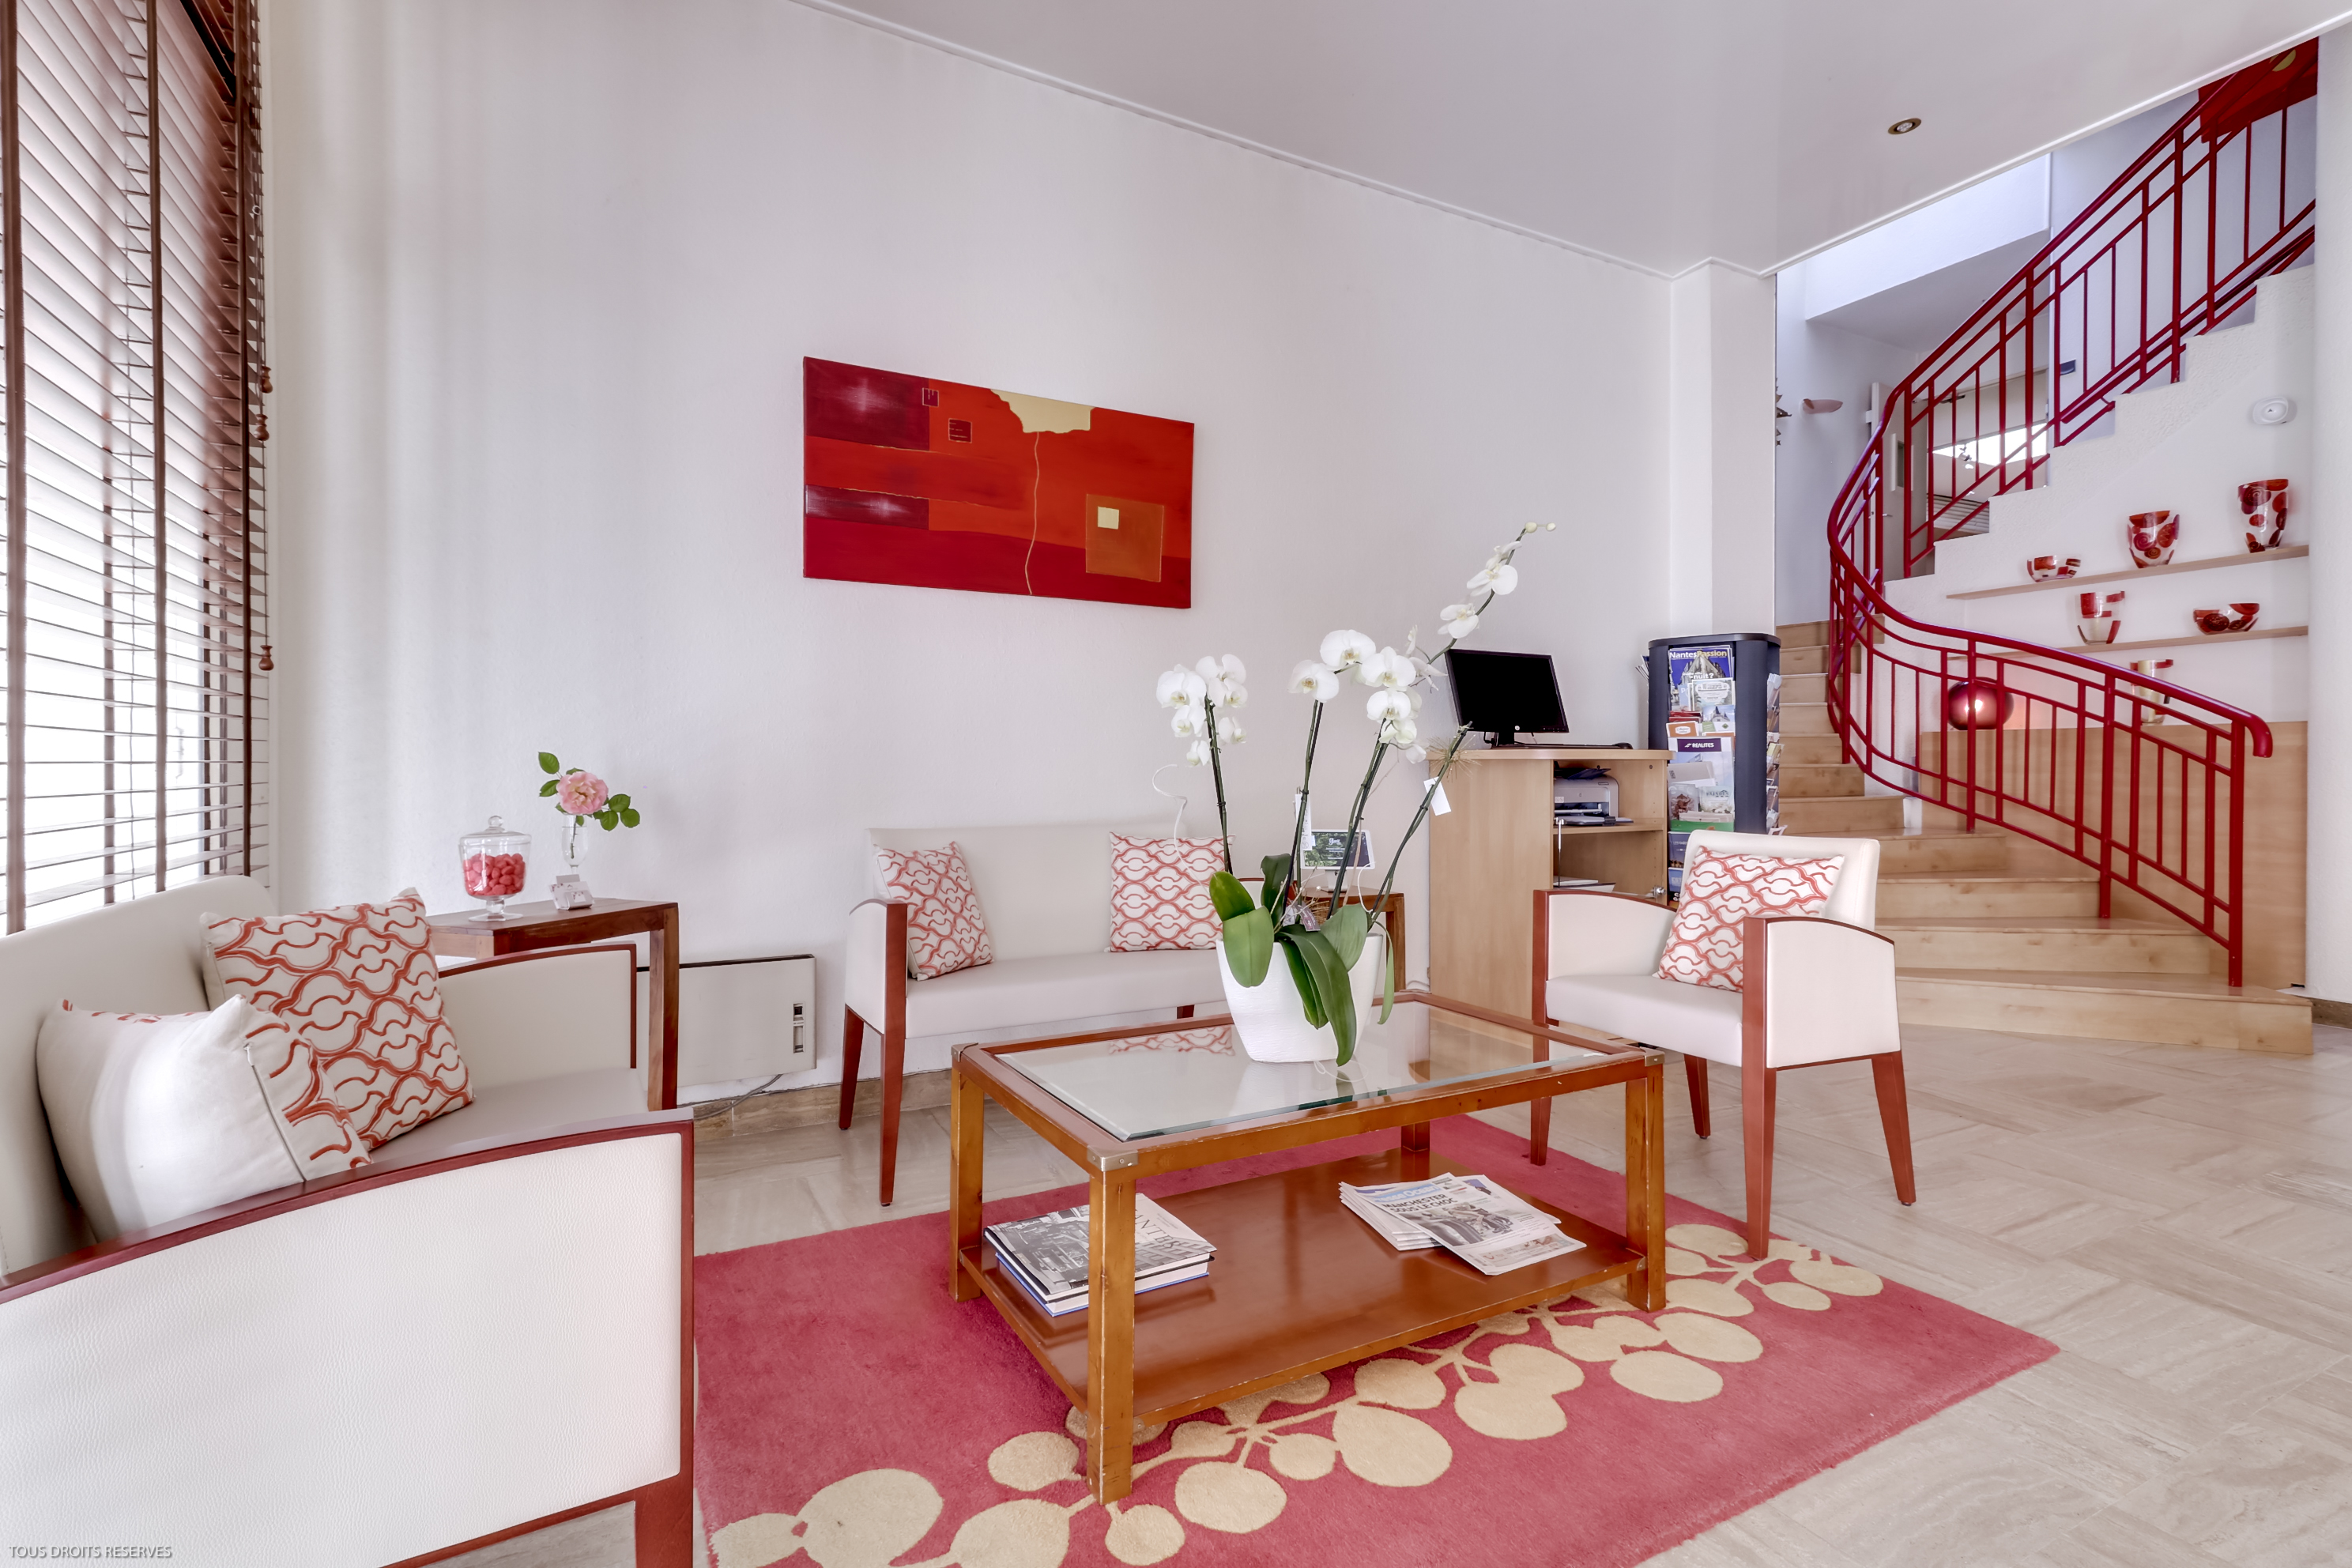 nantes bastia pas cher nantes bastia pas cher with nantes bastia pas cher fabulous luactu de. Black Bedroom Furniture Sets. Home Design Ideas